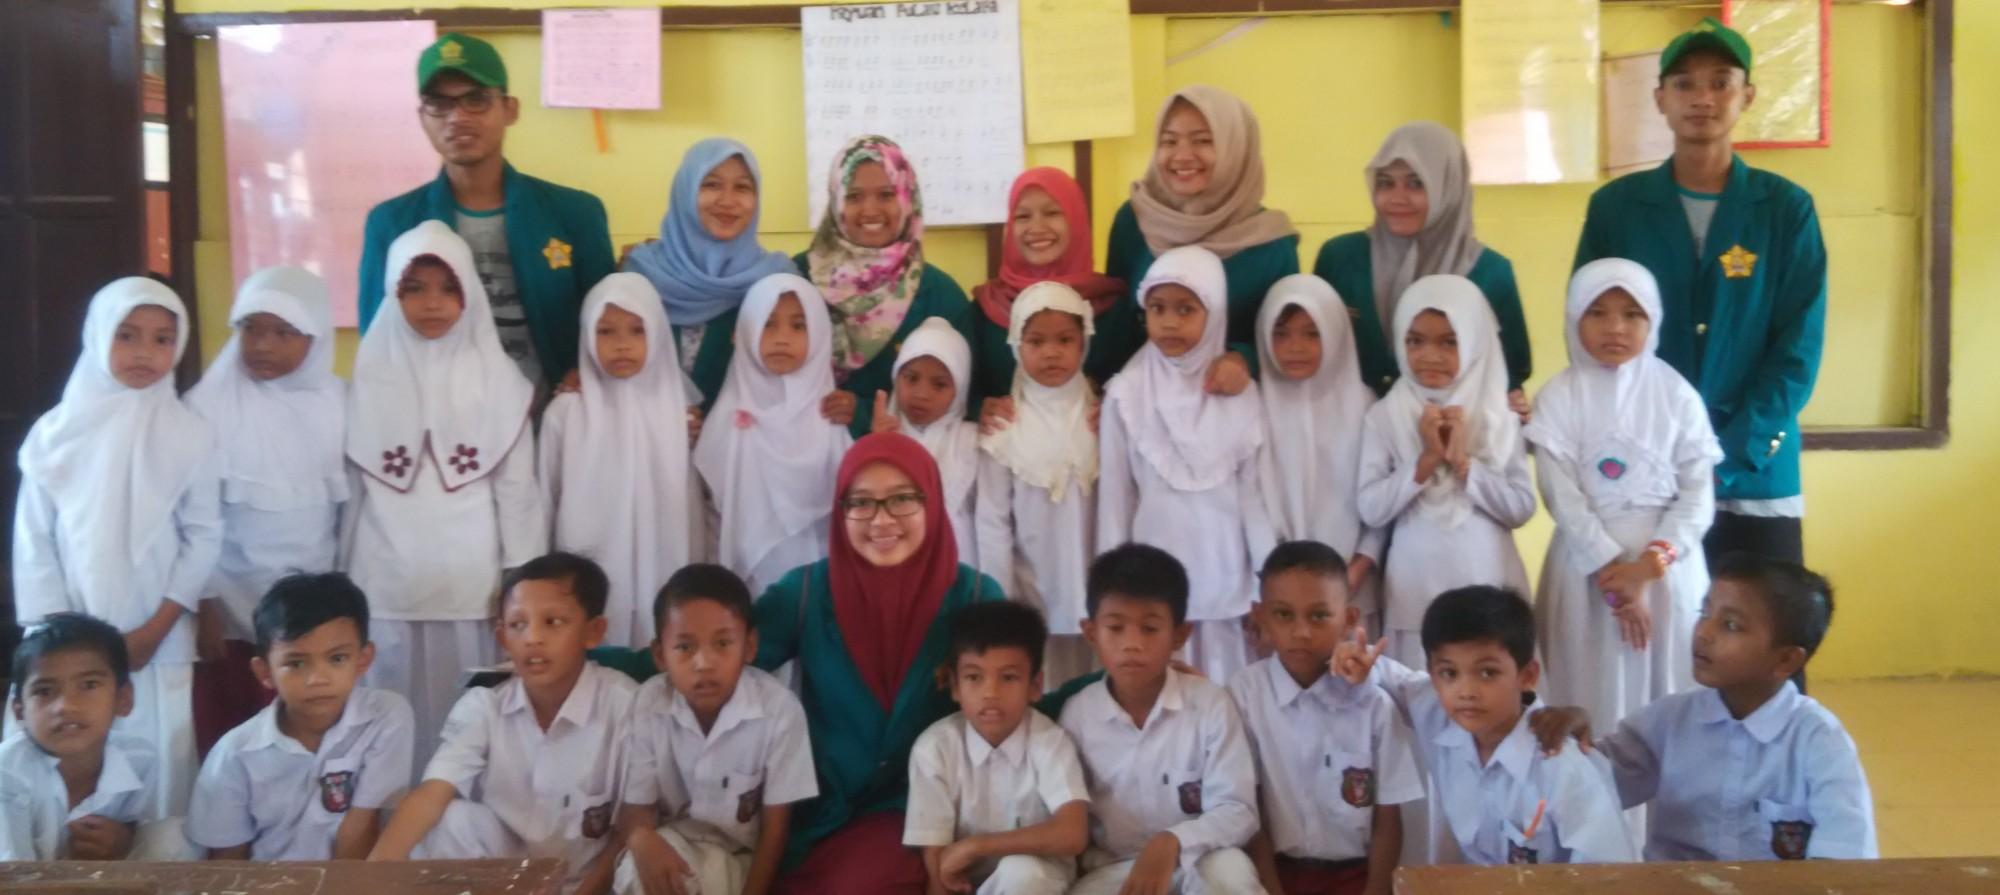 Kelompok KKN Unsyiah Periode XI Juli 2016 Gampong Kuta Blang Kecamatan Idi Rayeuk Kabupaten Aceh Timur